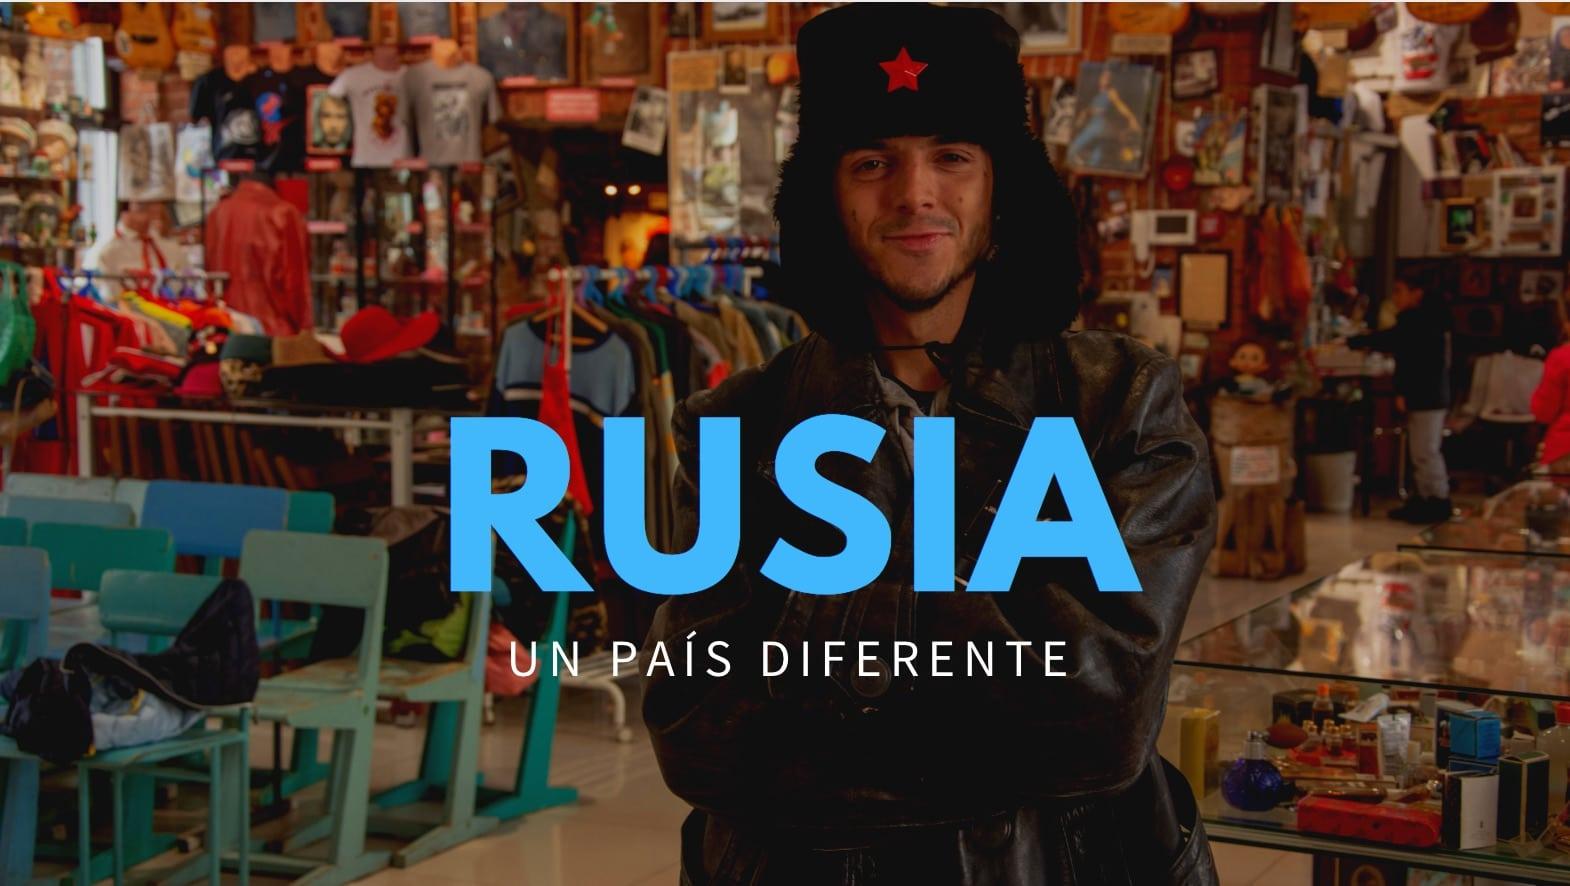 Rusia, guia de viaje